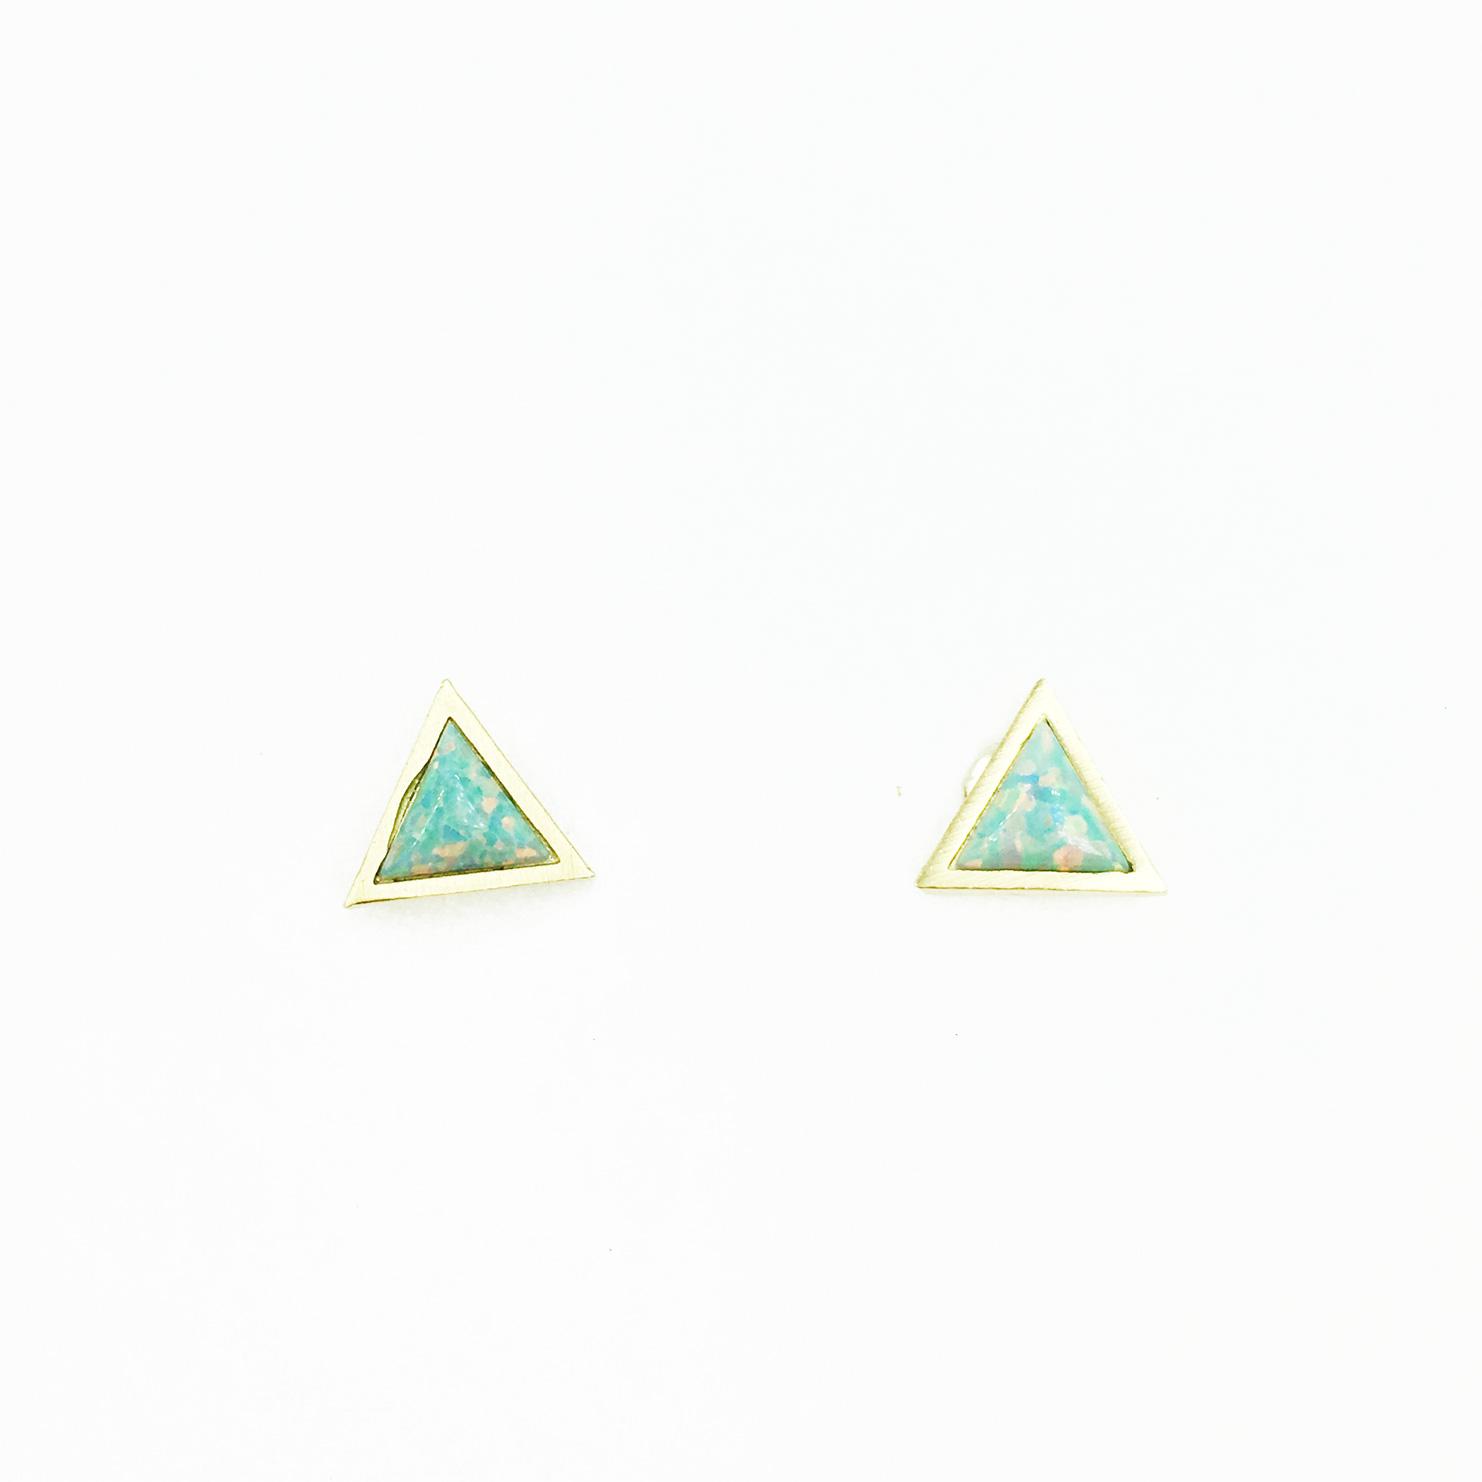 韓國 925純銀 三角形 金 簡約百搭 耳針式耳環